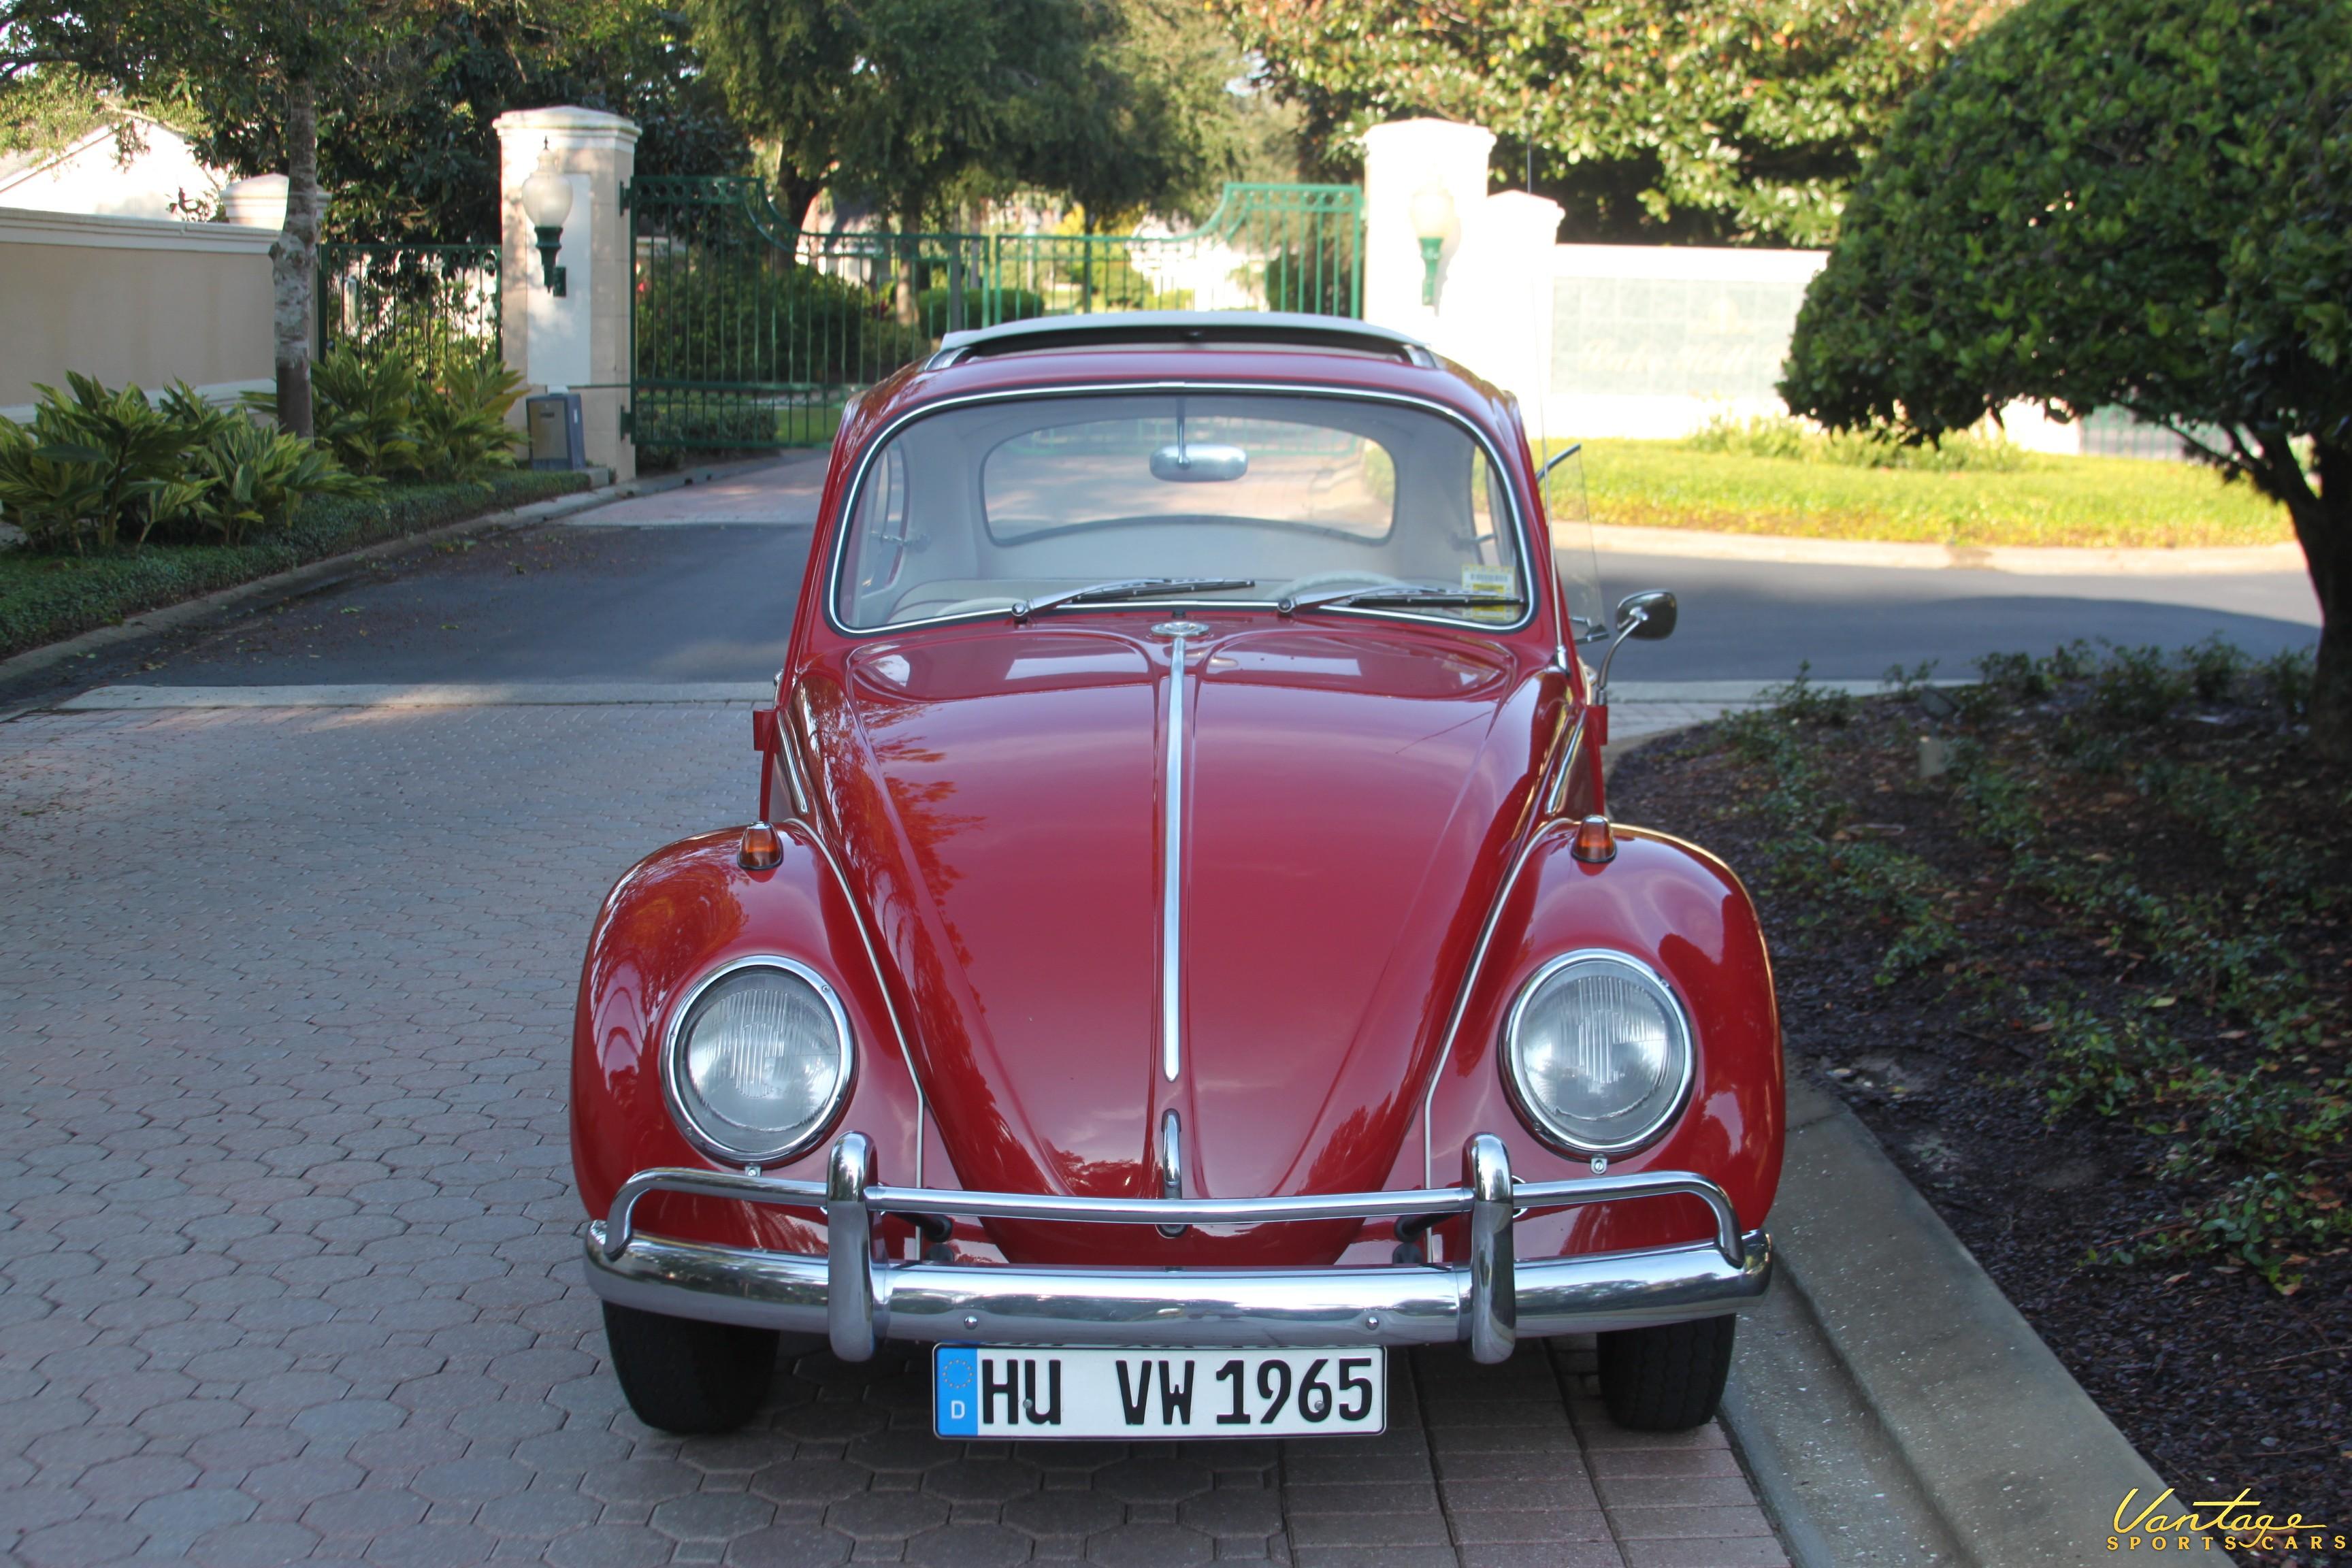 1965 vw bug wallpaper - photo #36